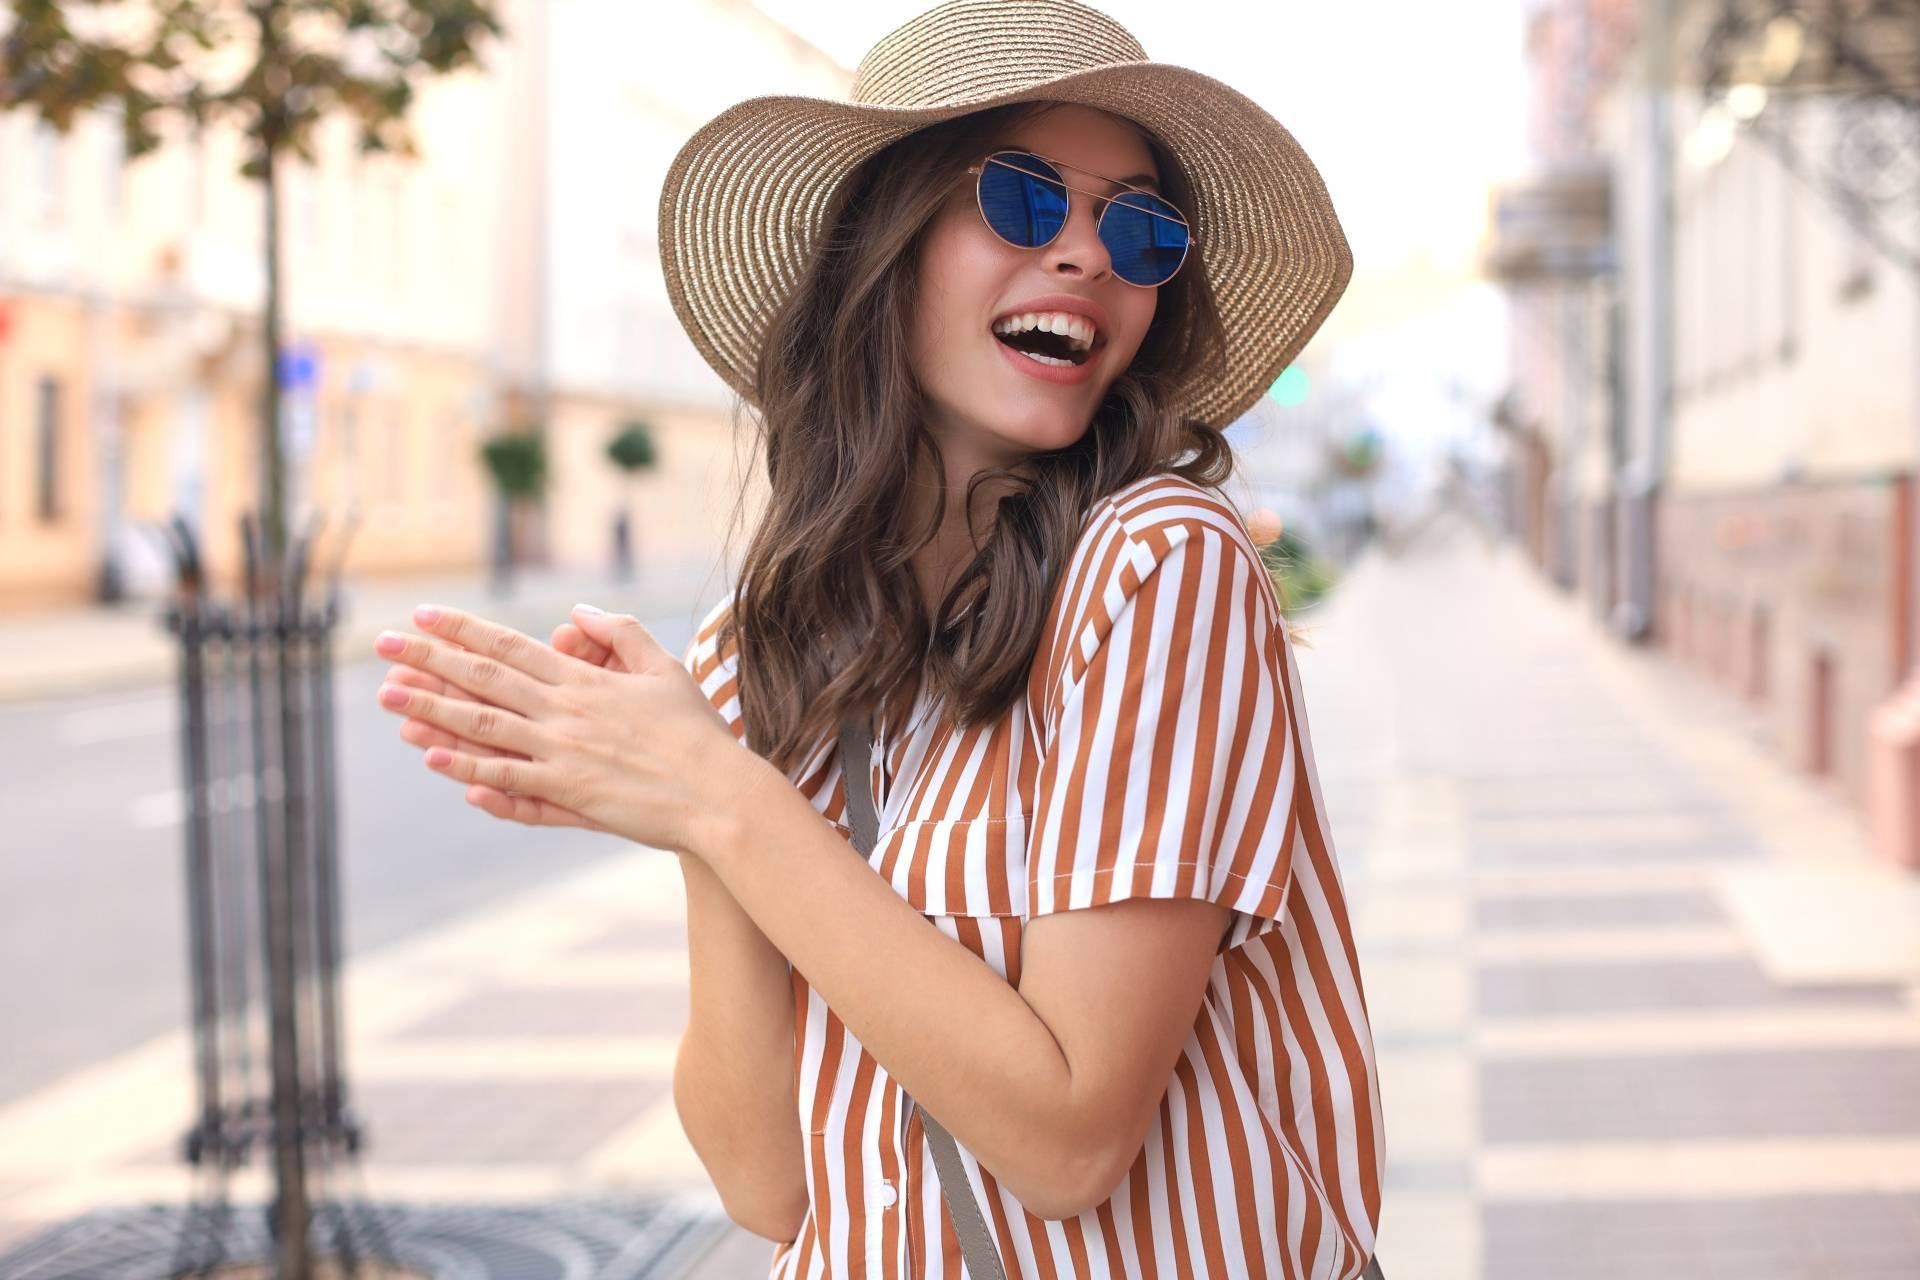 Jak dbać o oczy latem? Młoda atrakcyjna dziewczyna w okularach przeciwsłonecznych, białym kapeluszu i koszuli w paski stoi na ulicy i uśmiecha się.